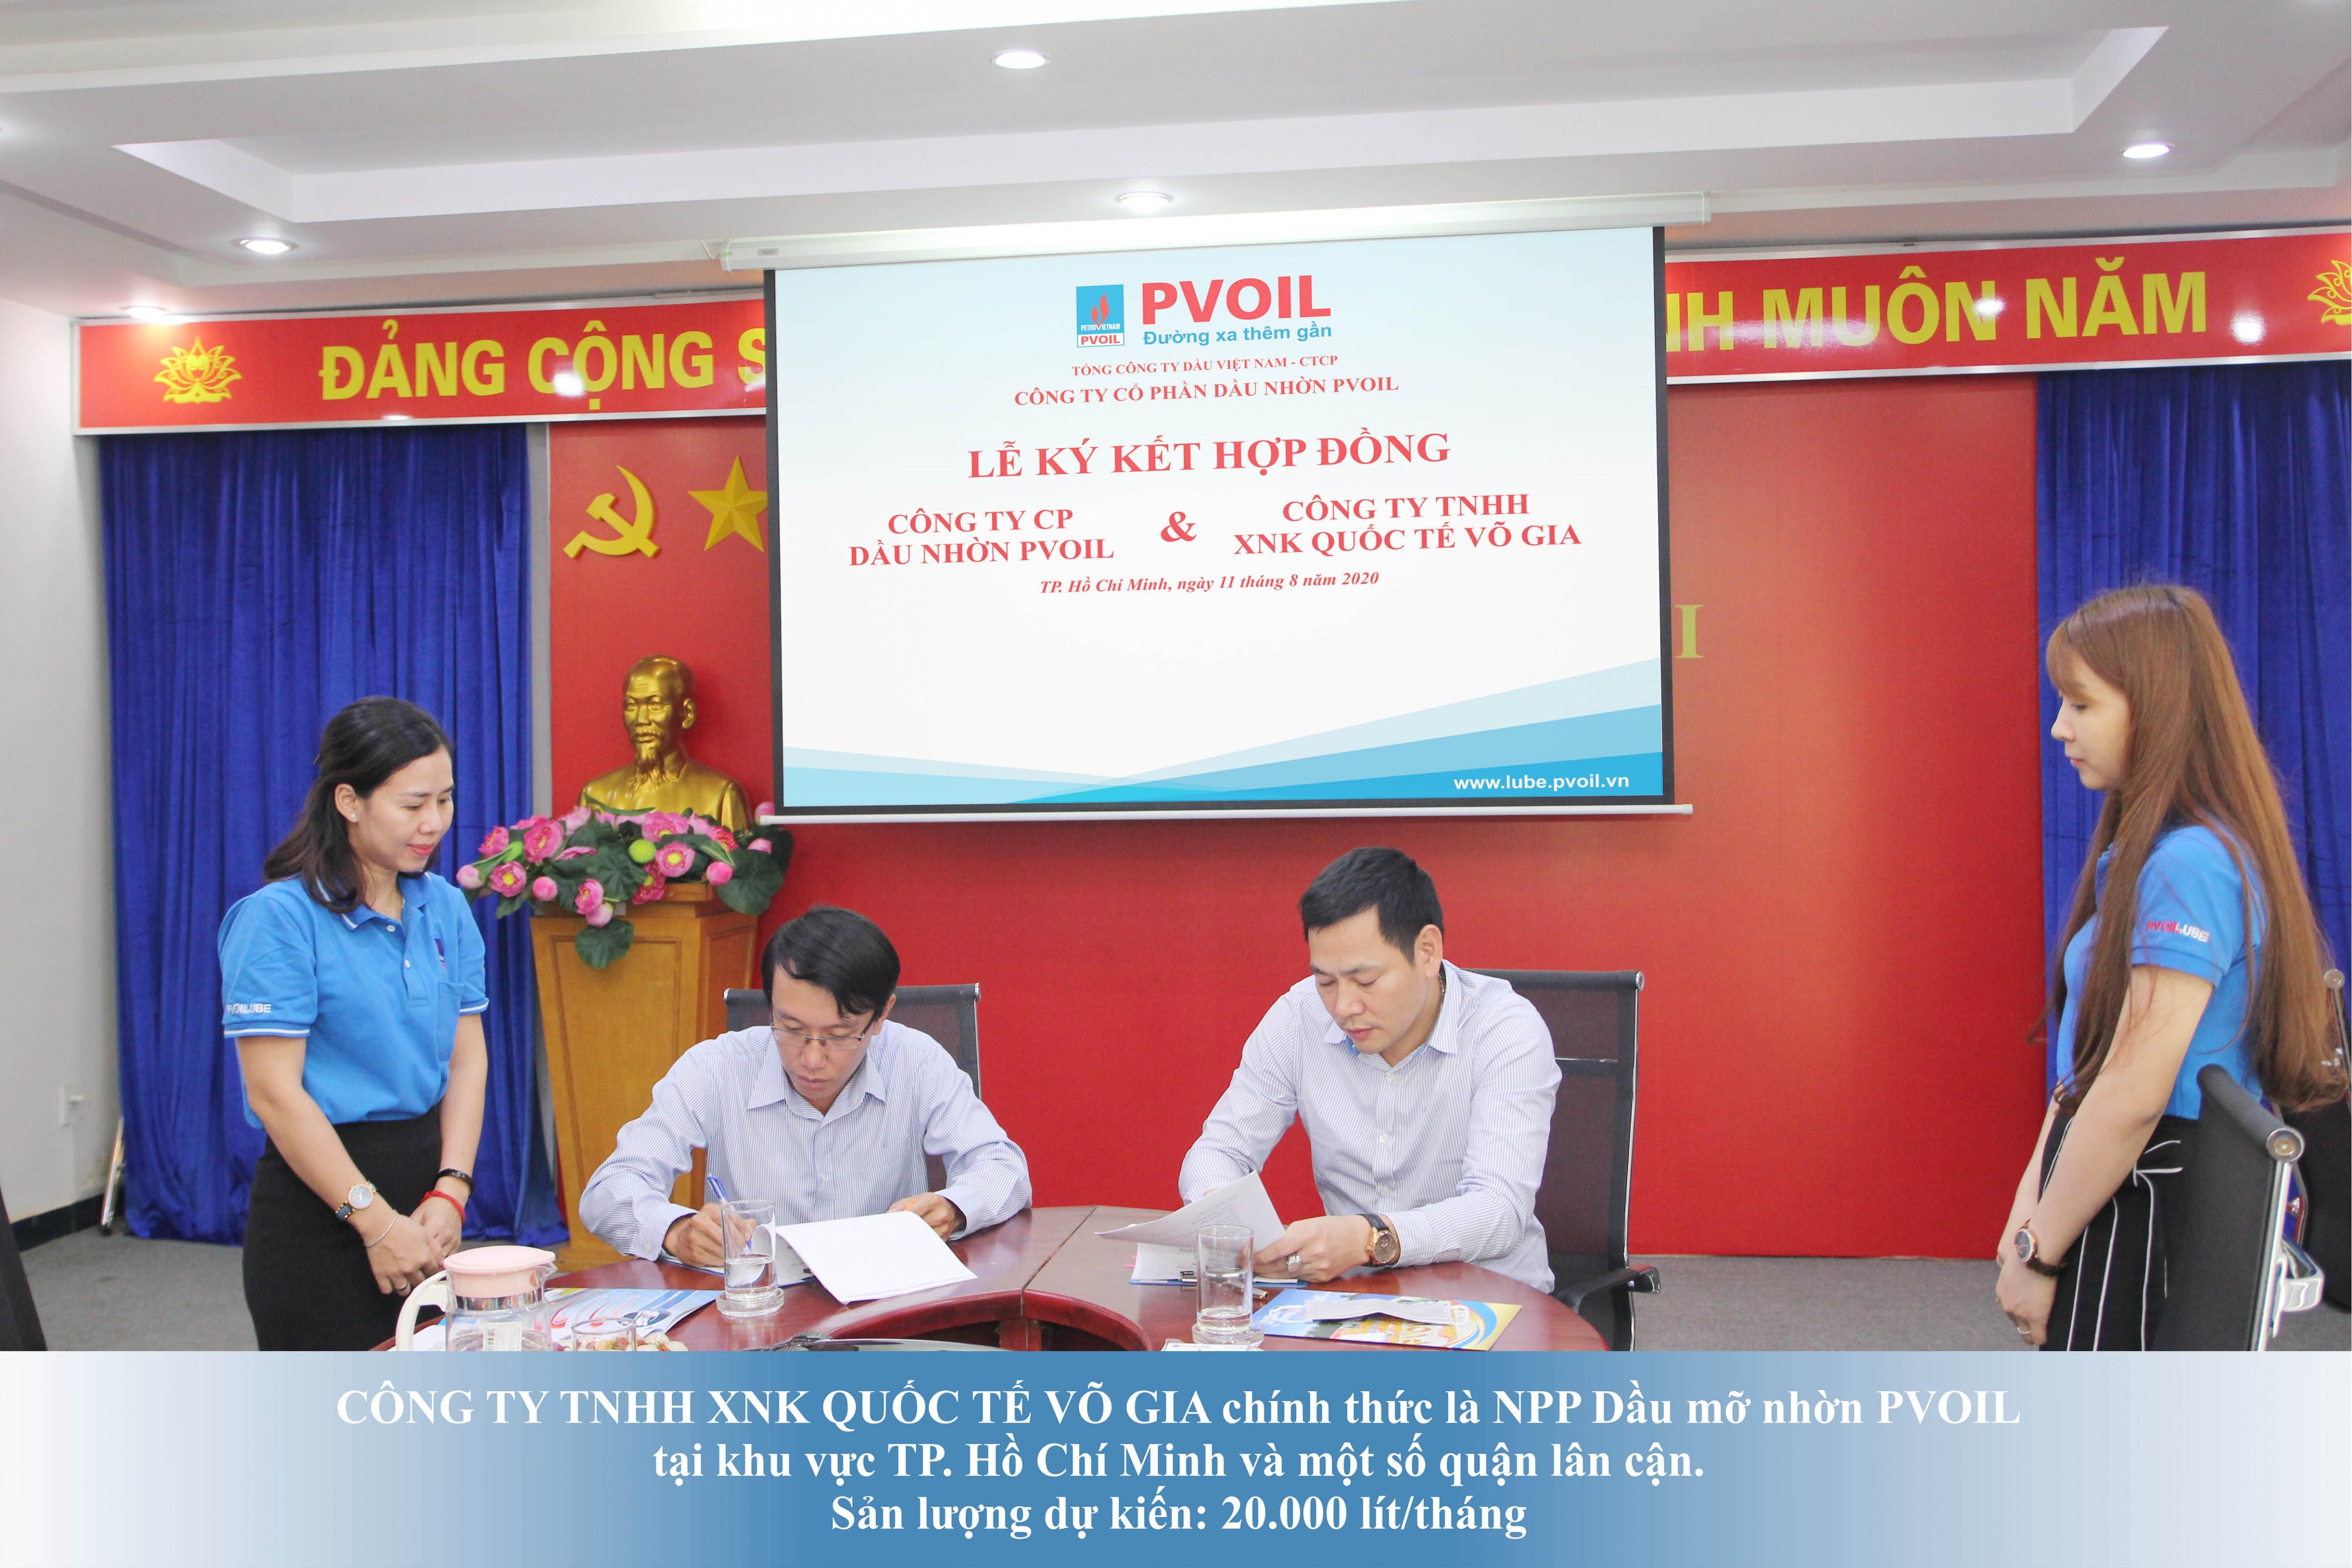 Lễ kí kết hợp đồng giữa Công ty Cổ phần Dầu nhờn PVOIL và Công ty TNHH XNK Quốc Tế Võ Gia